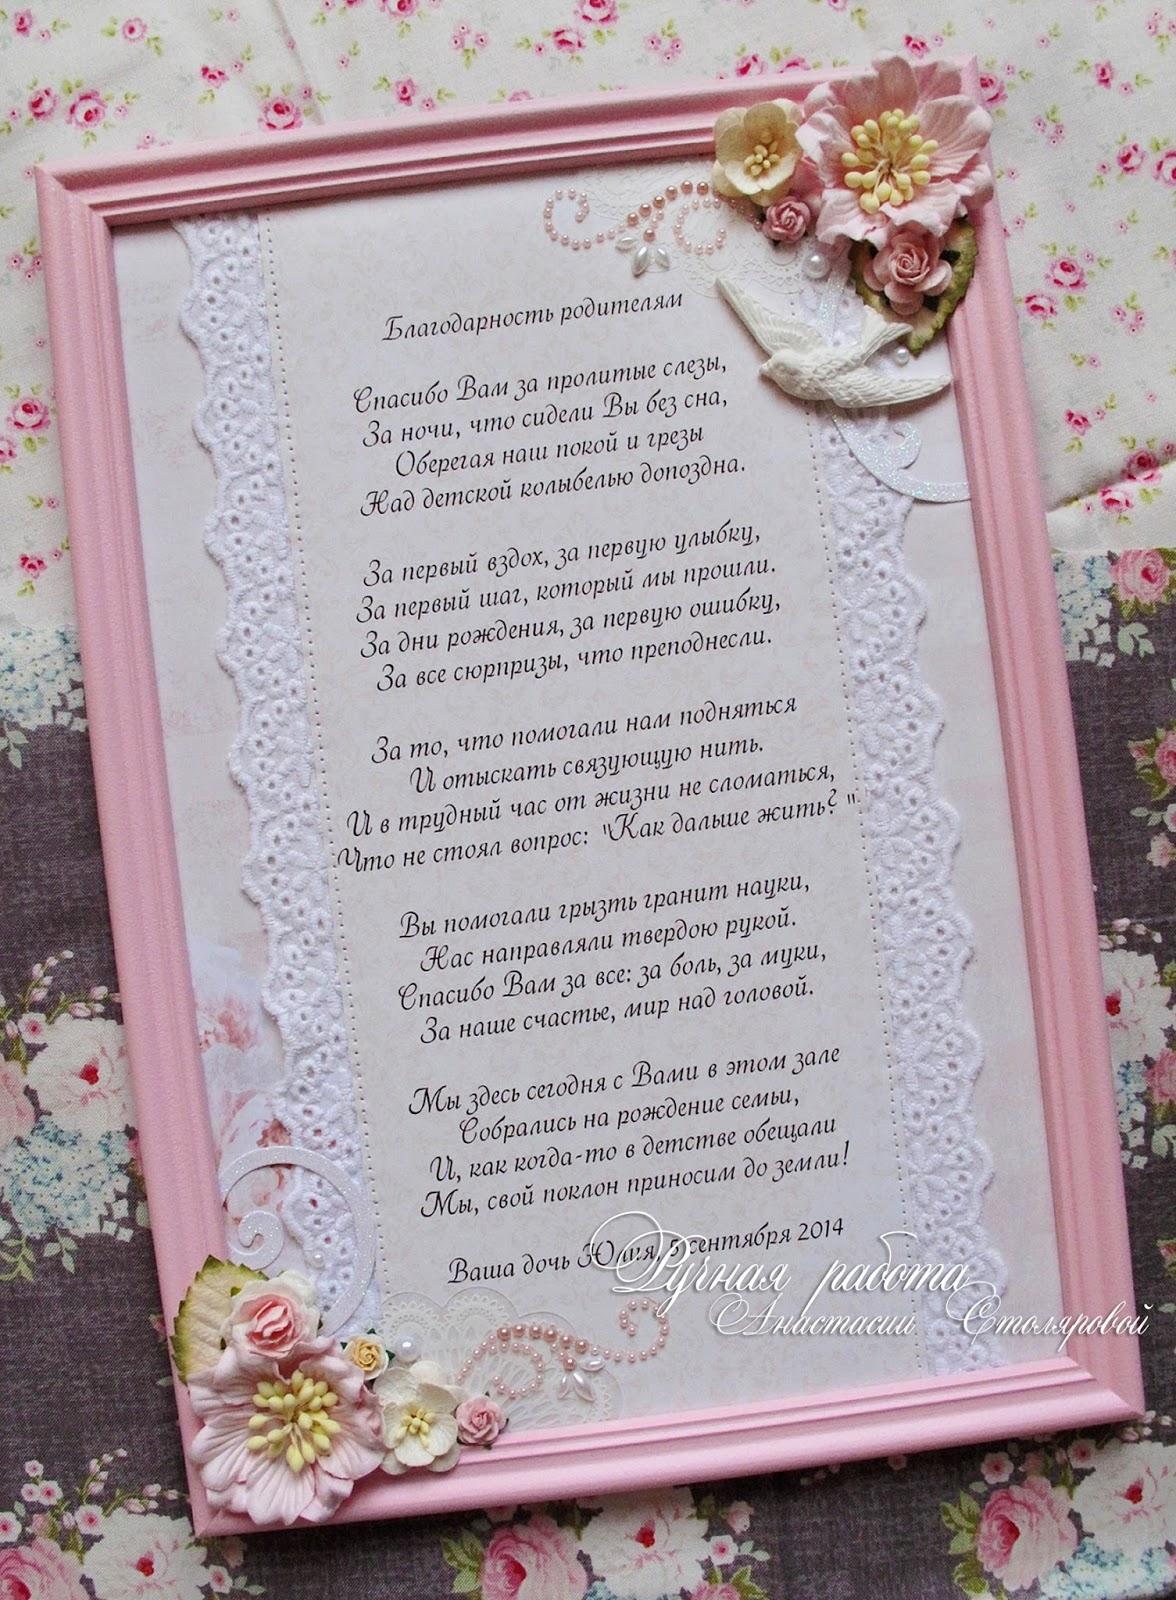 Стих благодарность маме невесты от жениха